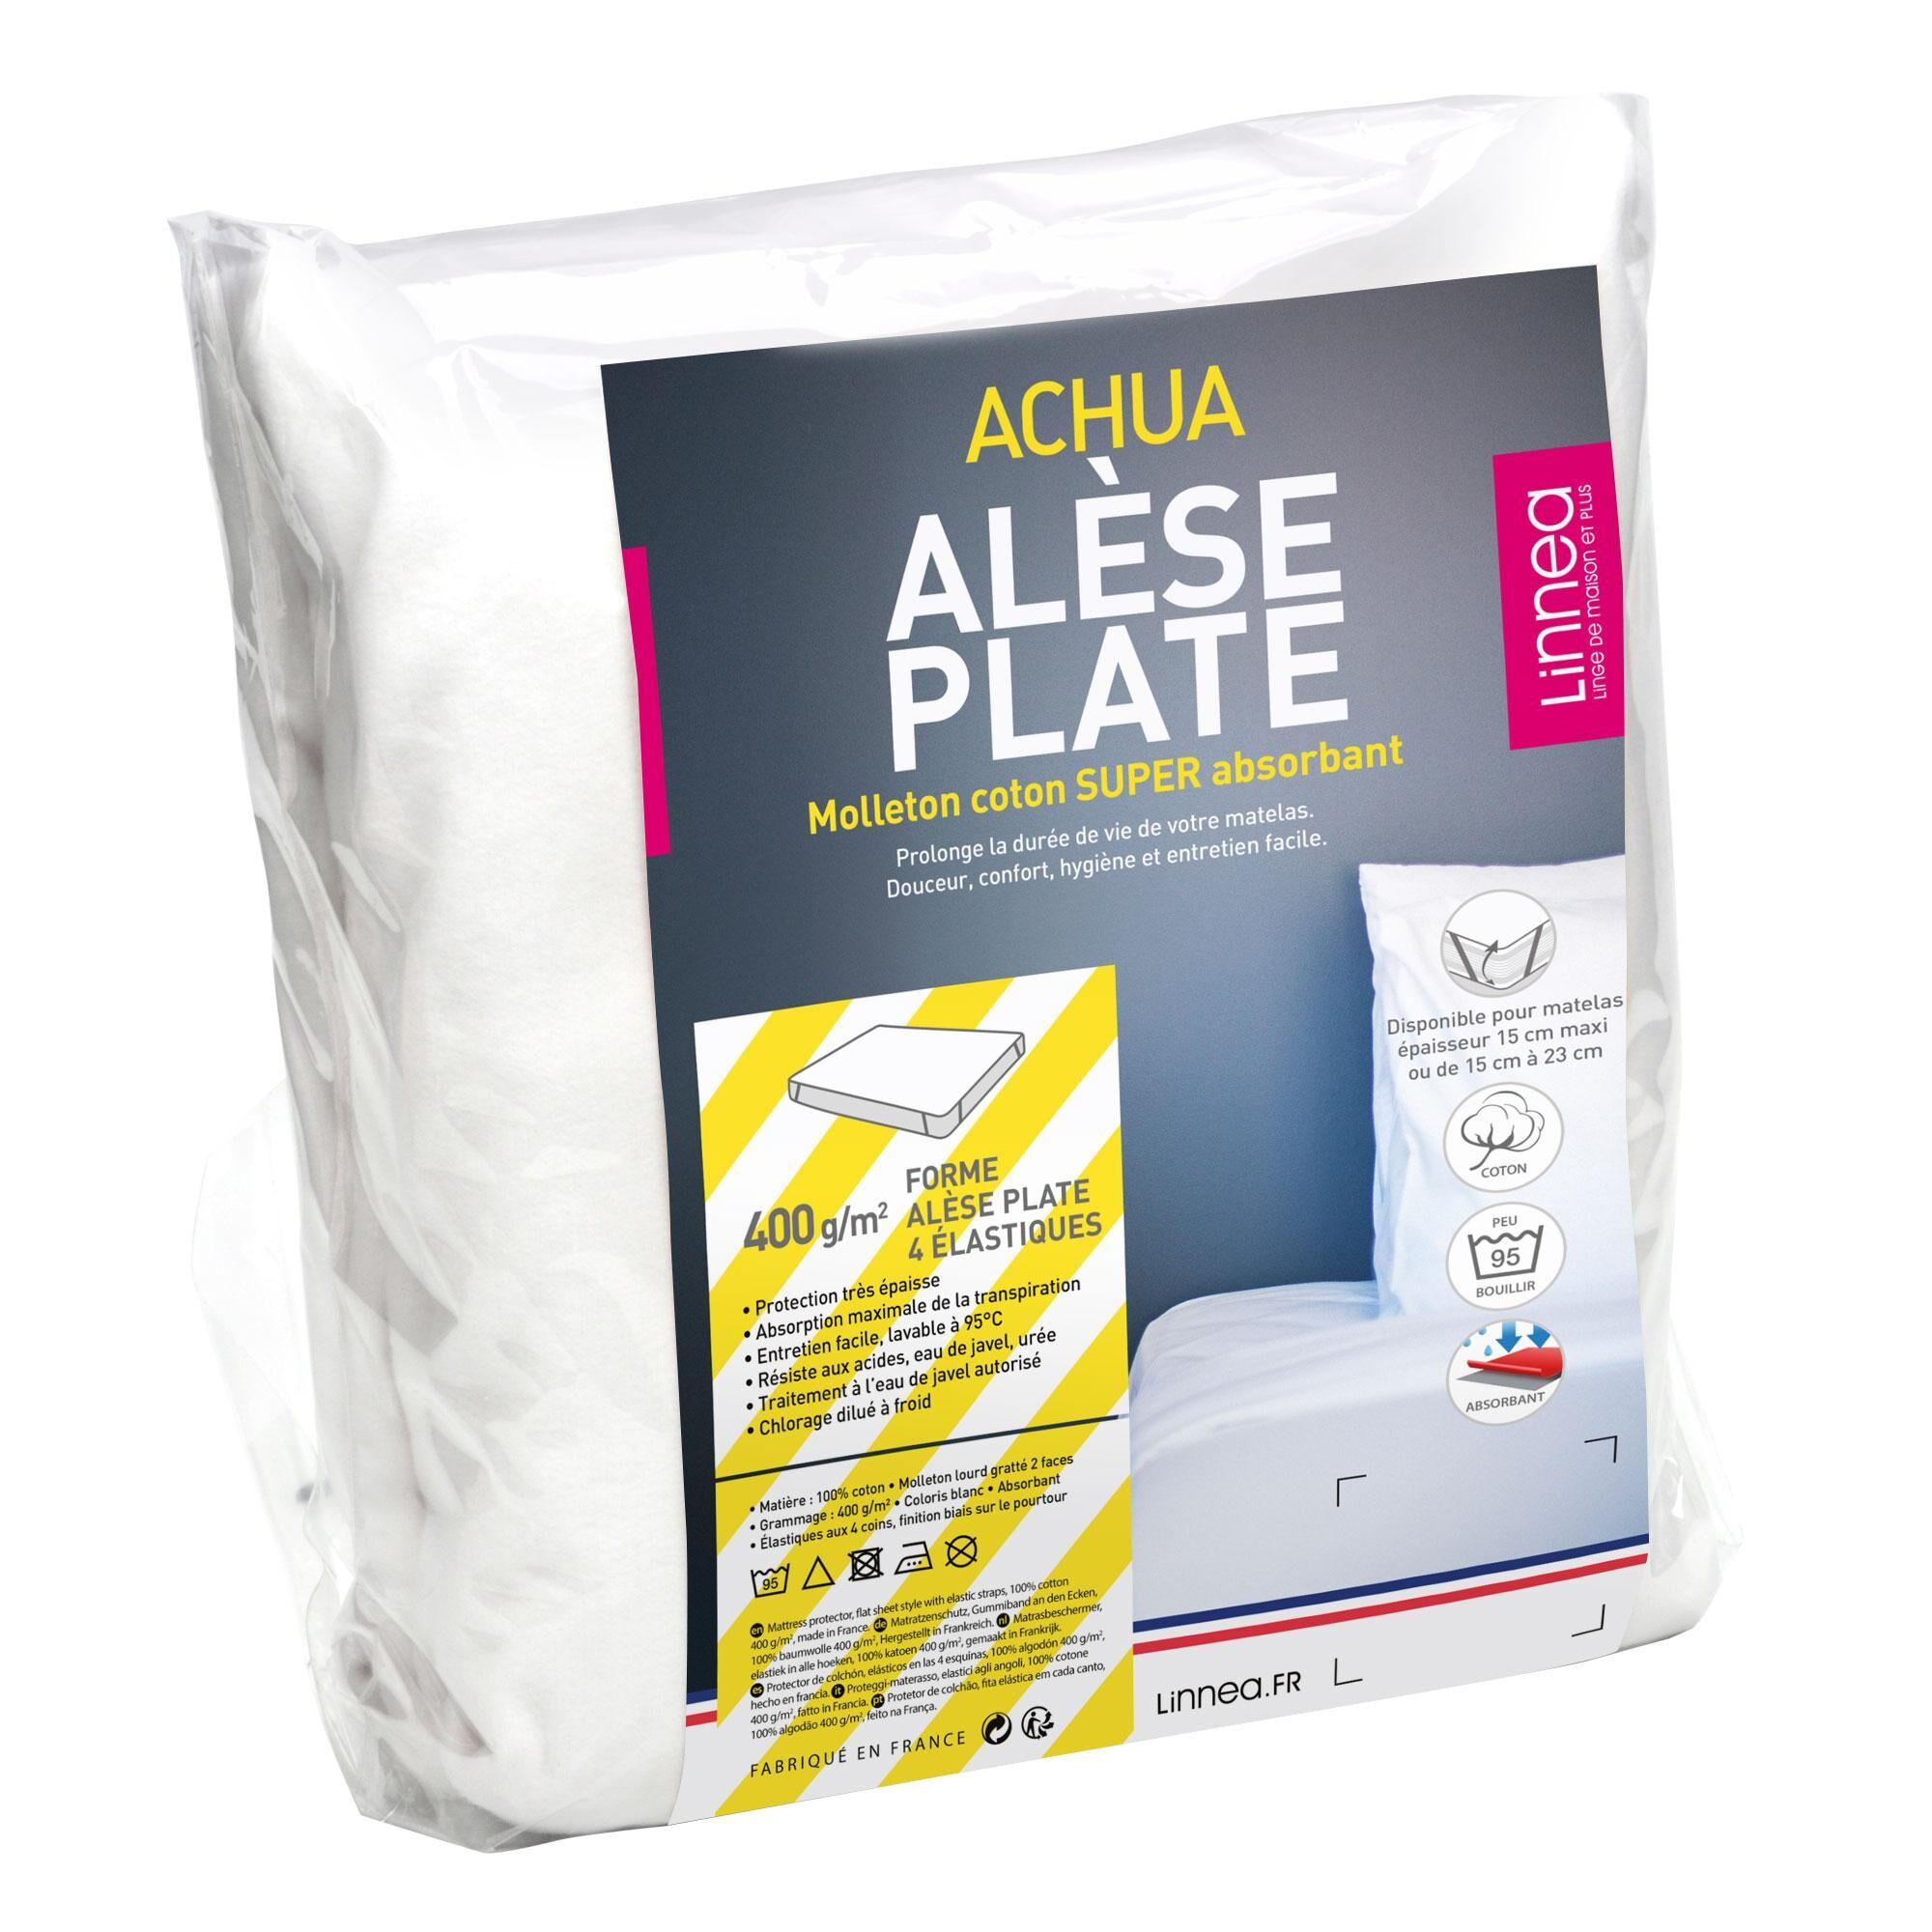 Linnea Alèse plate 140x200 cm ACHUA Molleton 100% coton 400 g/m2 matelas 15cm à 23cm